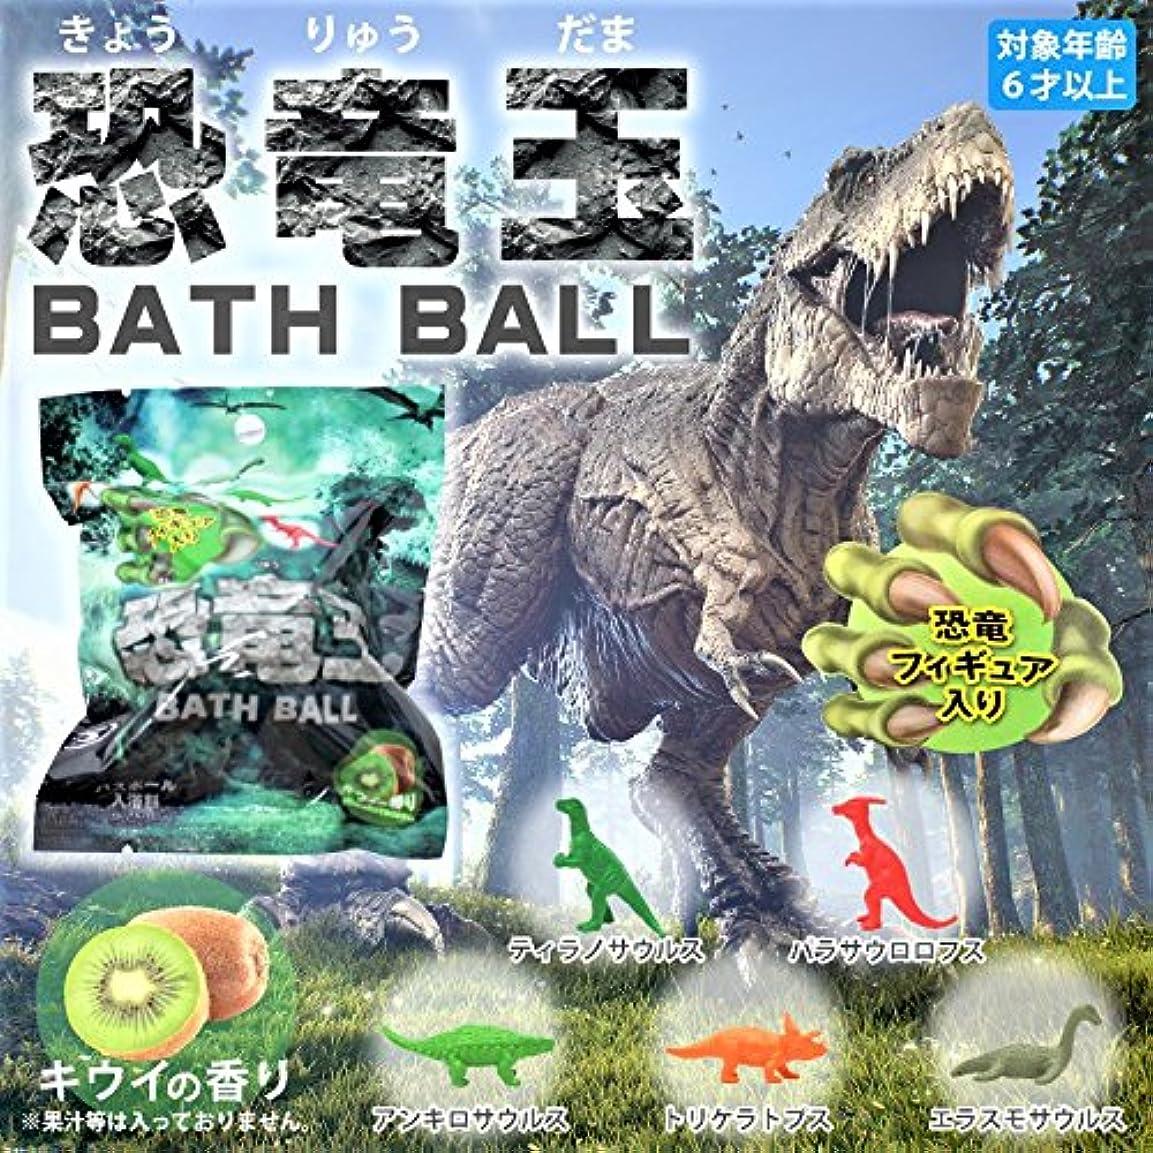 エコーマキシム反発恐竜玉バスボール 6個1セット キウイの香り 恐竜フィギュア入りバスボール 入浴剤